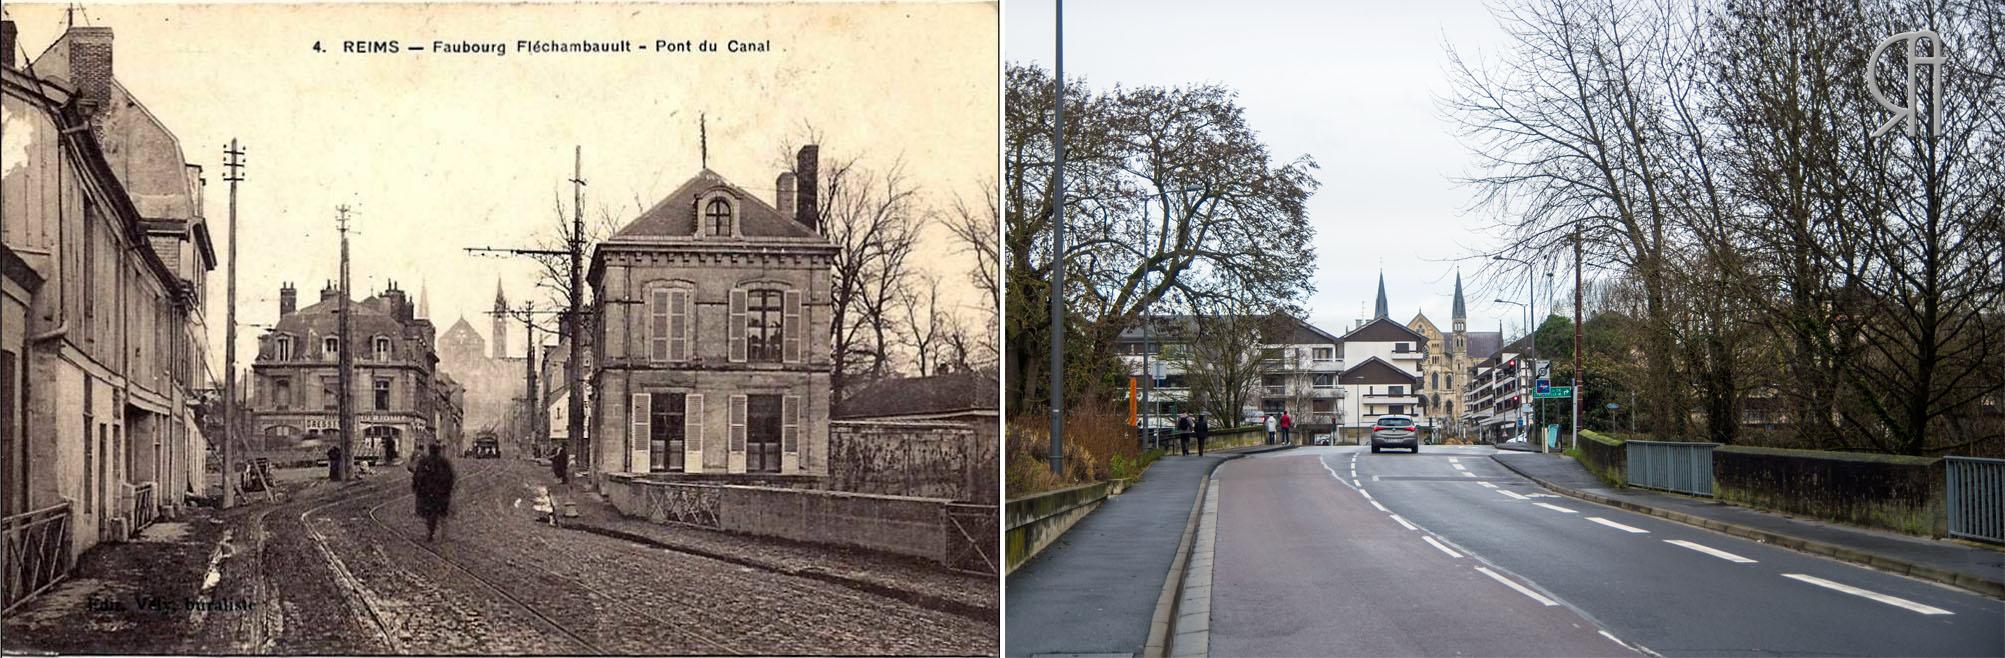 Le Faubourg Fléchambault